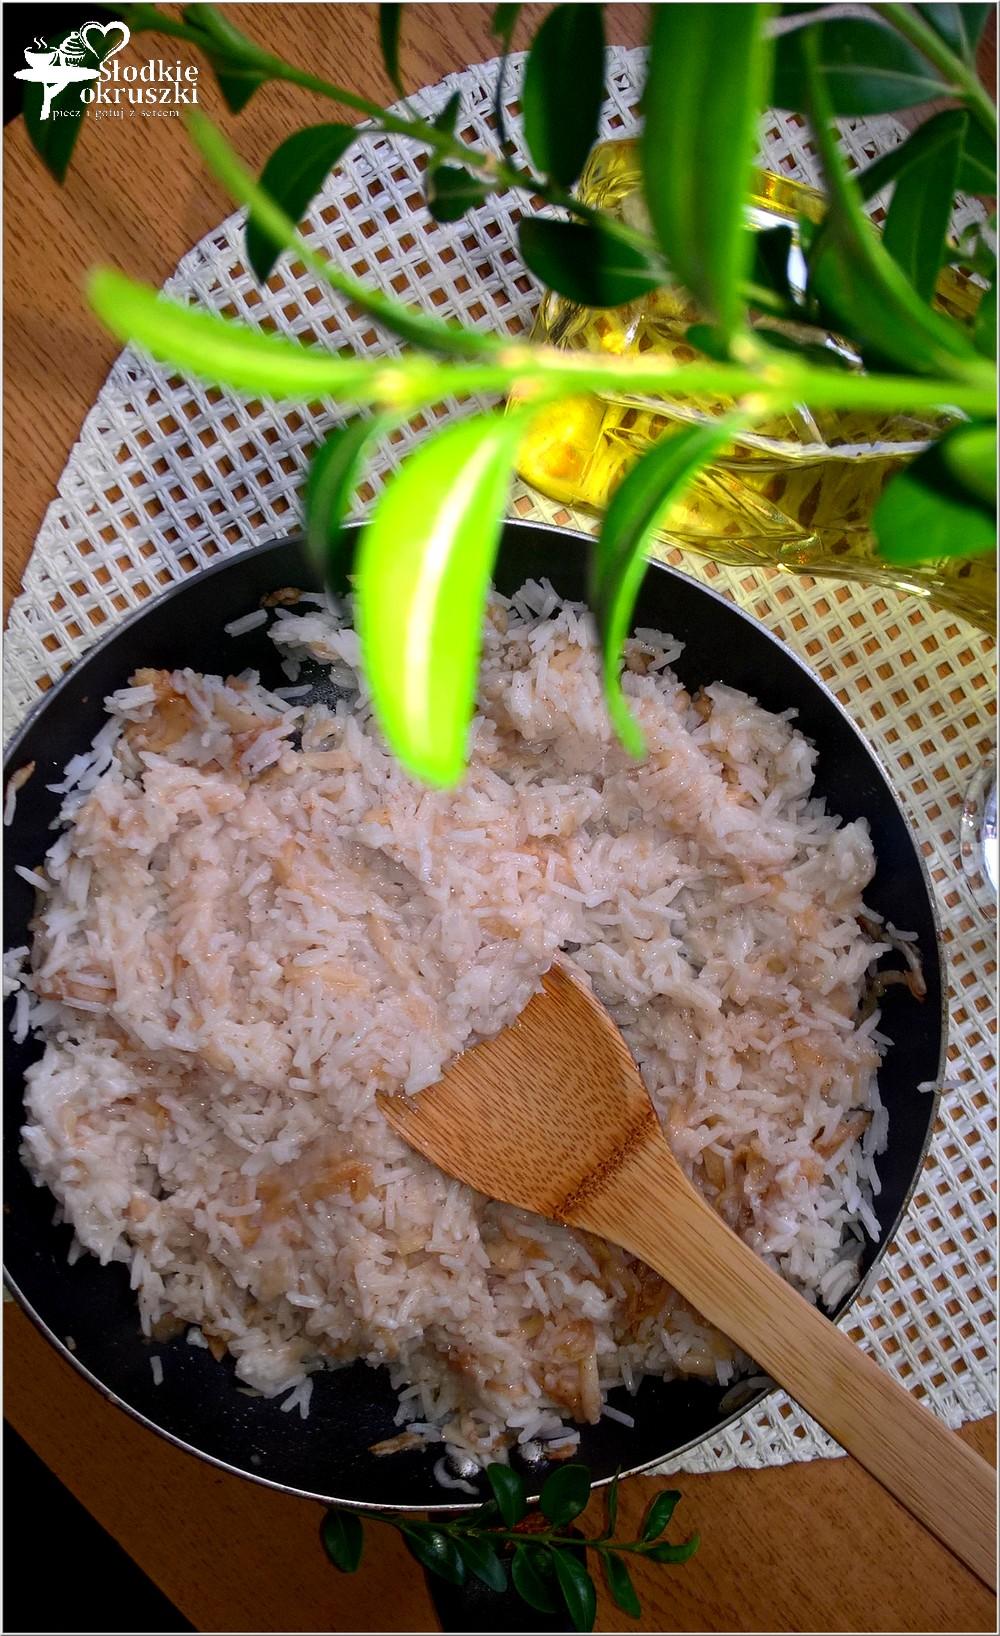 smazony-ryz-z-jablkiem-i-cynamonem